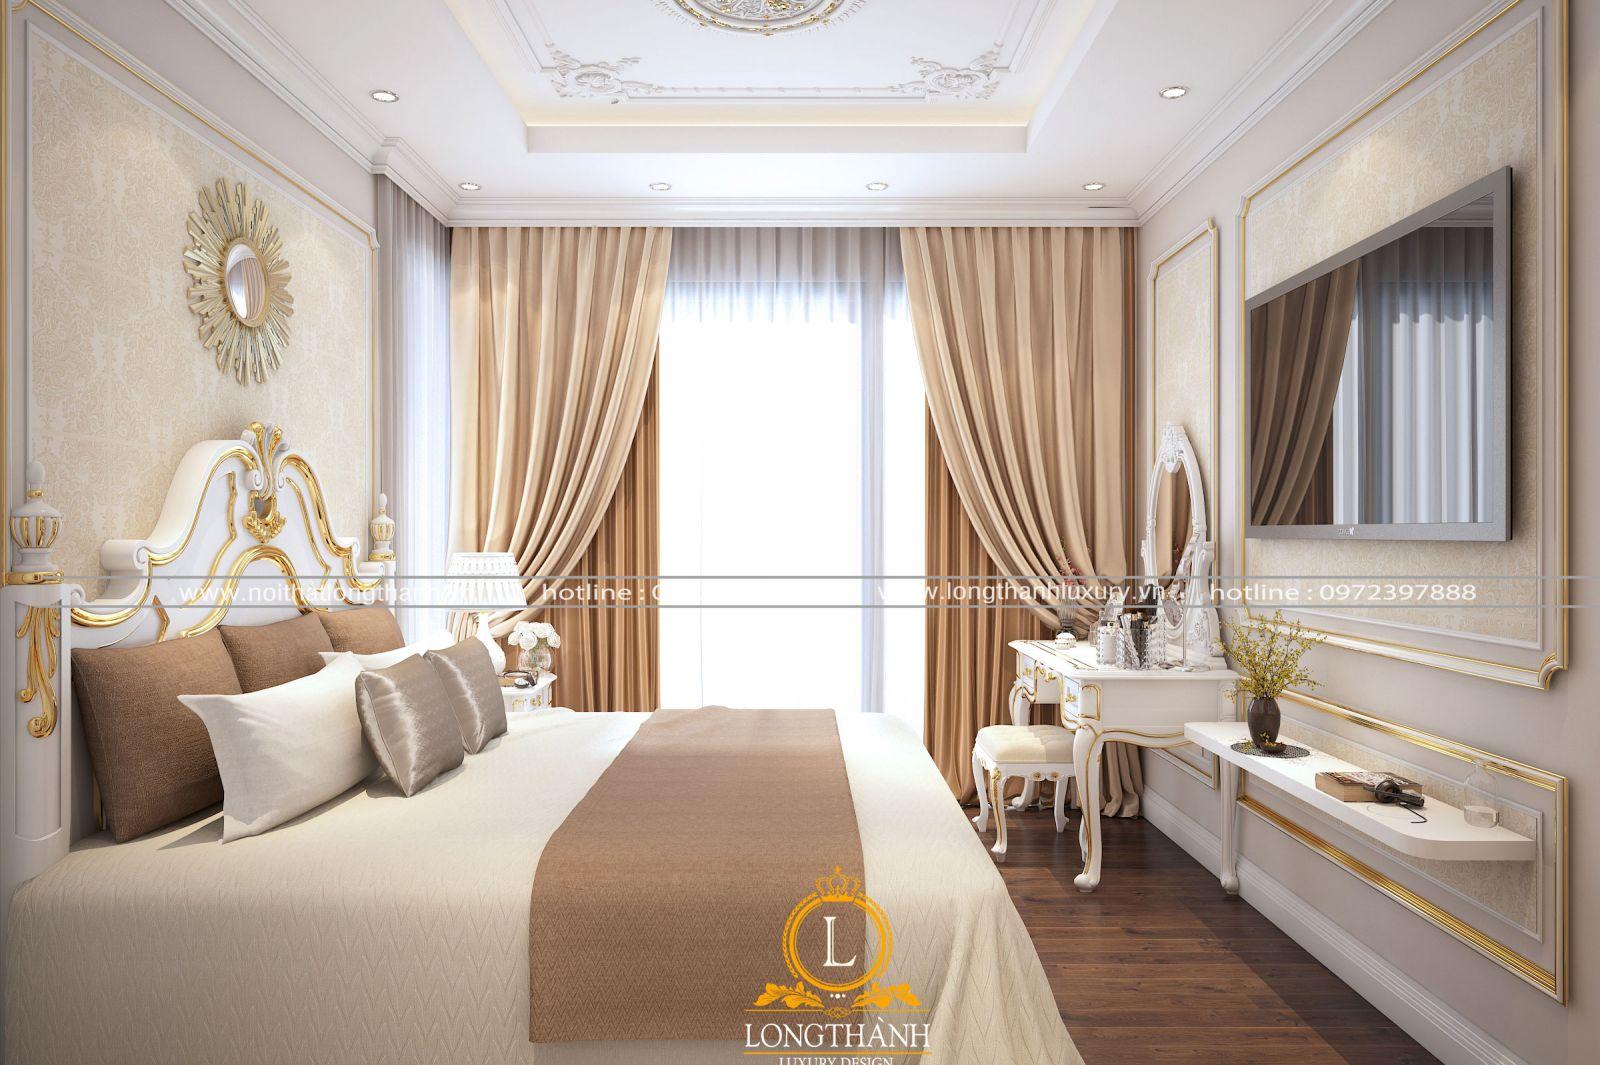 Rèm cửa cho căn phòng ngủ cao cấp màu trắng